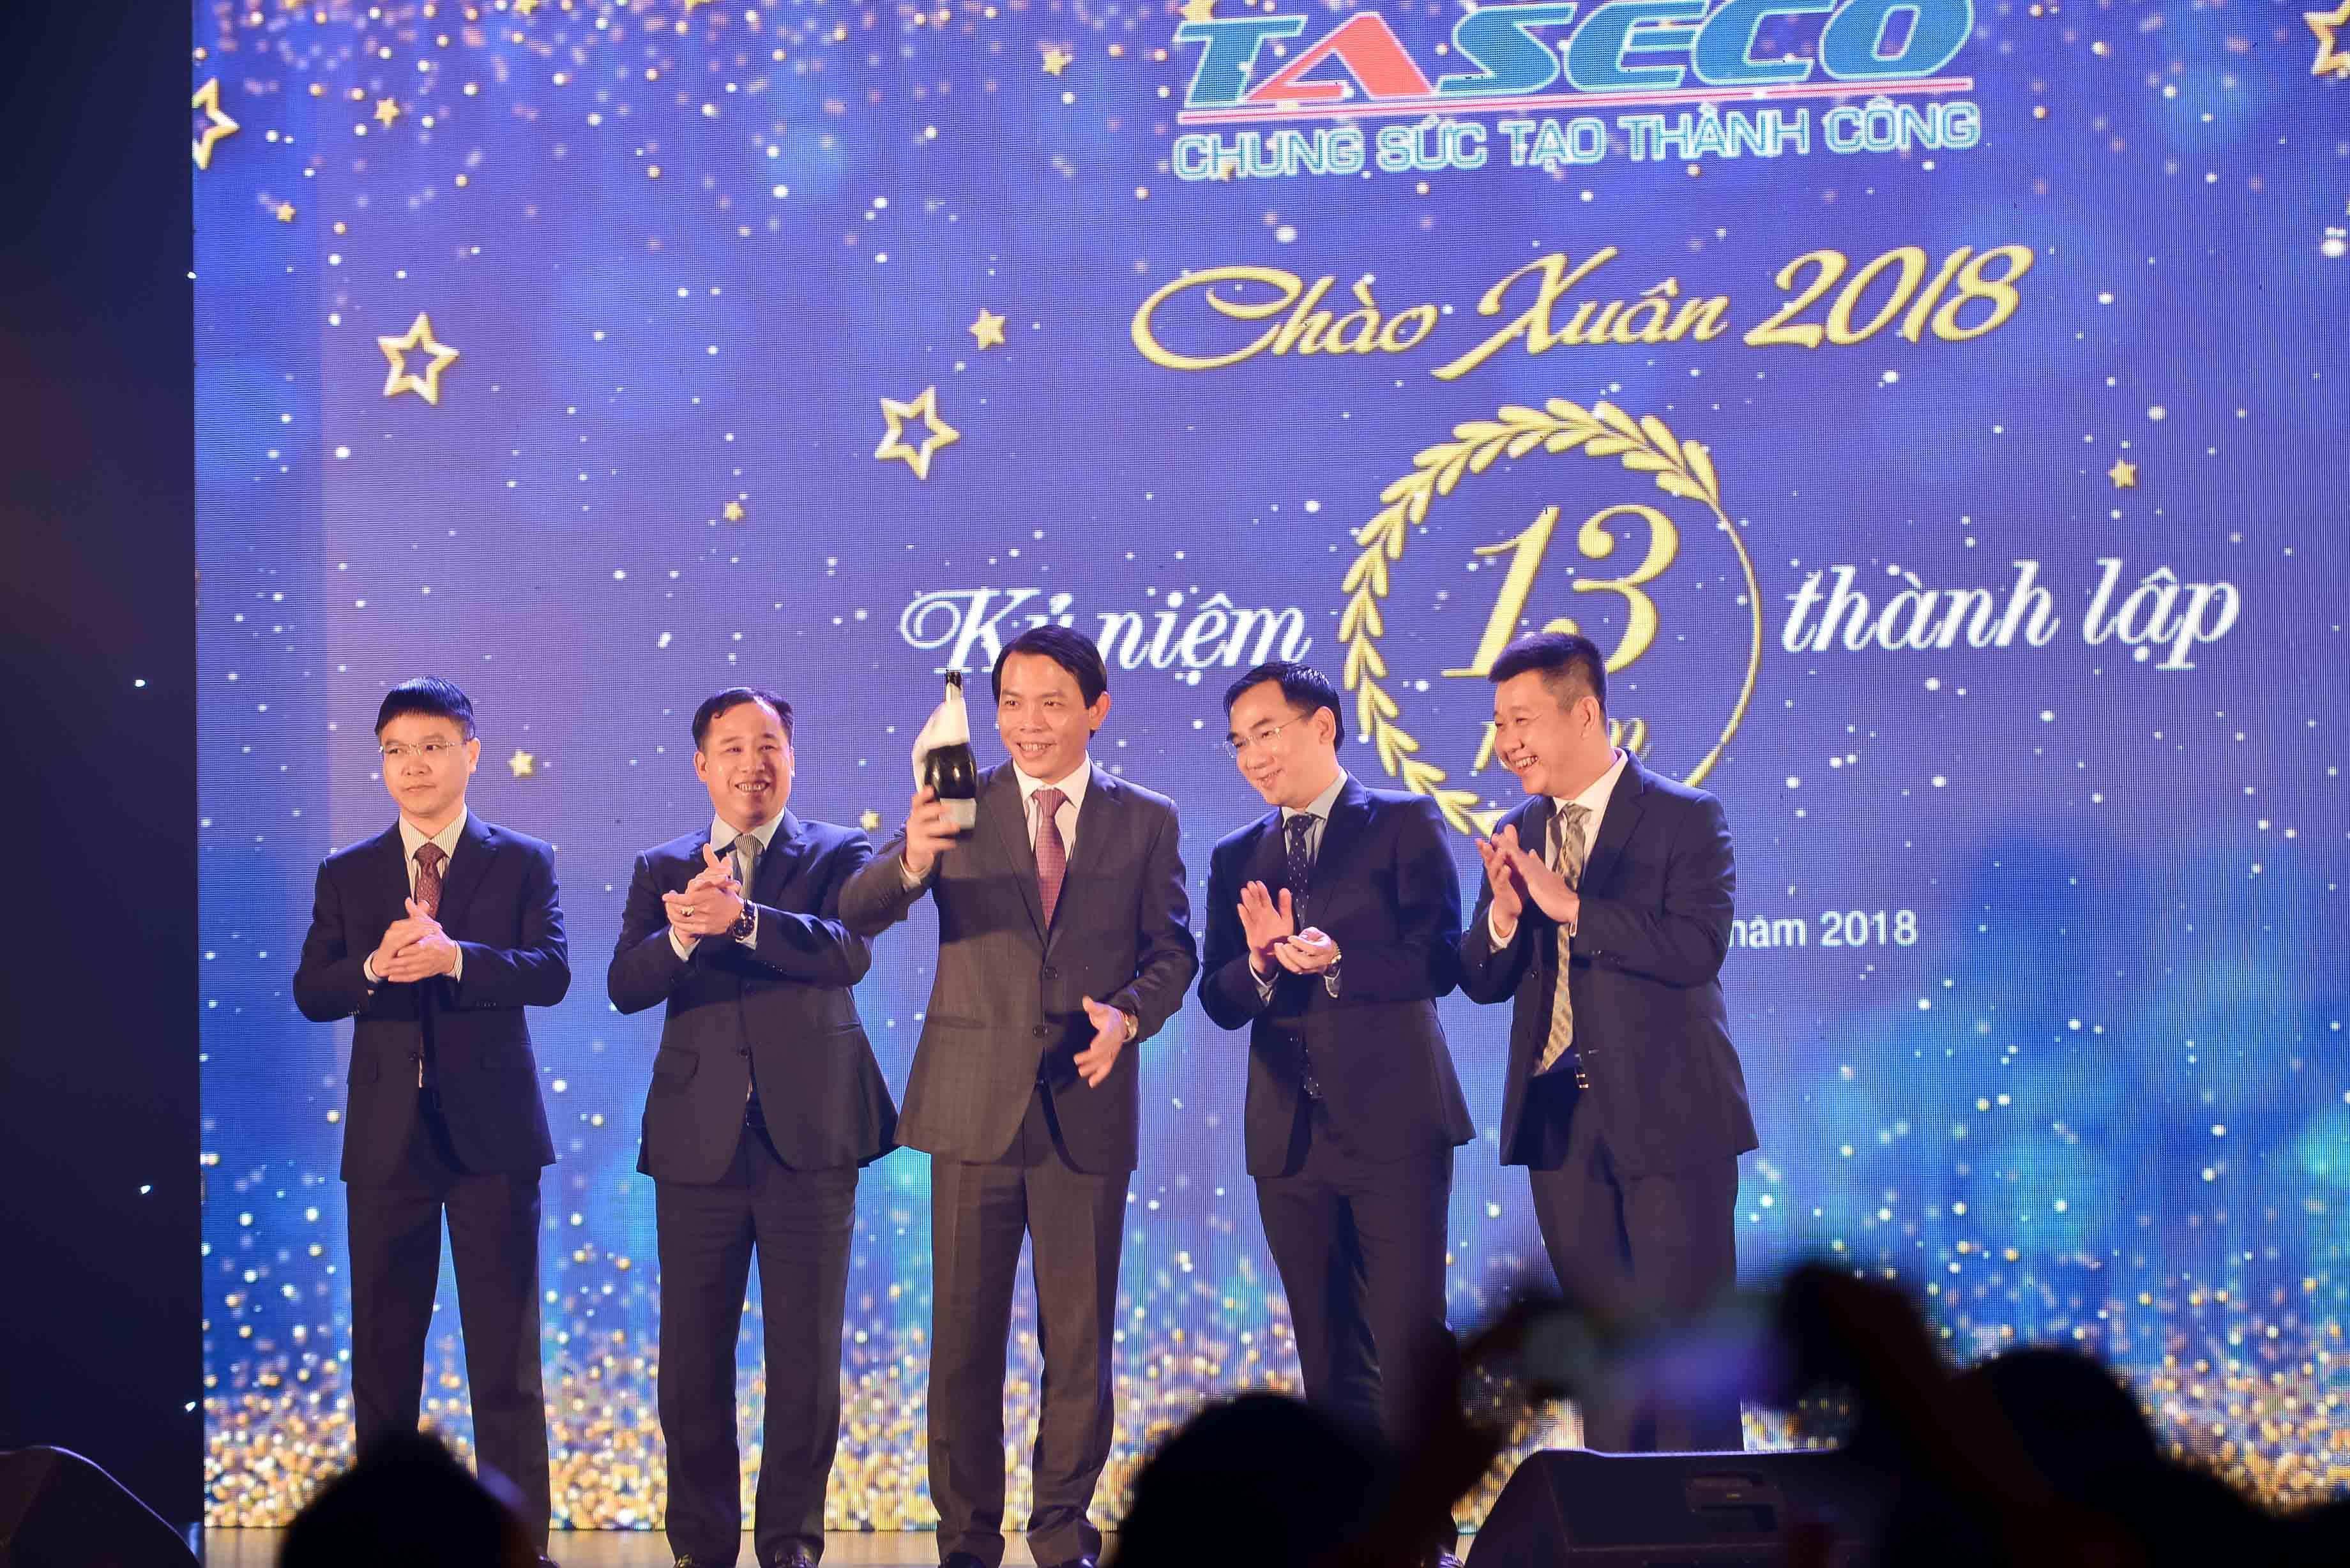 Kỷ niệm 13 năm thành lập Công ty